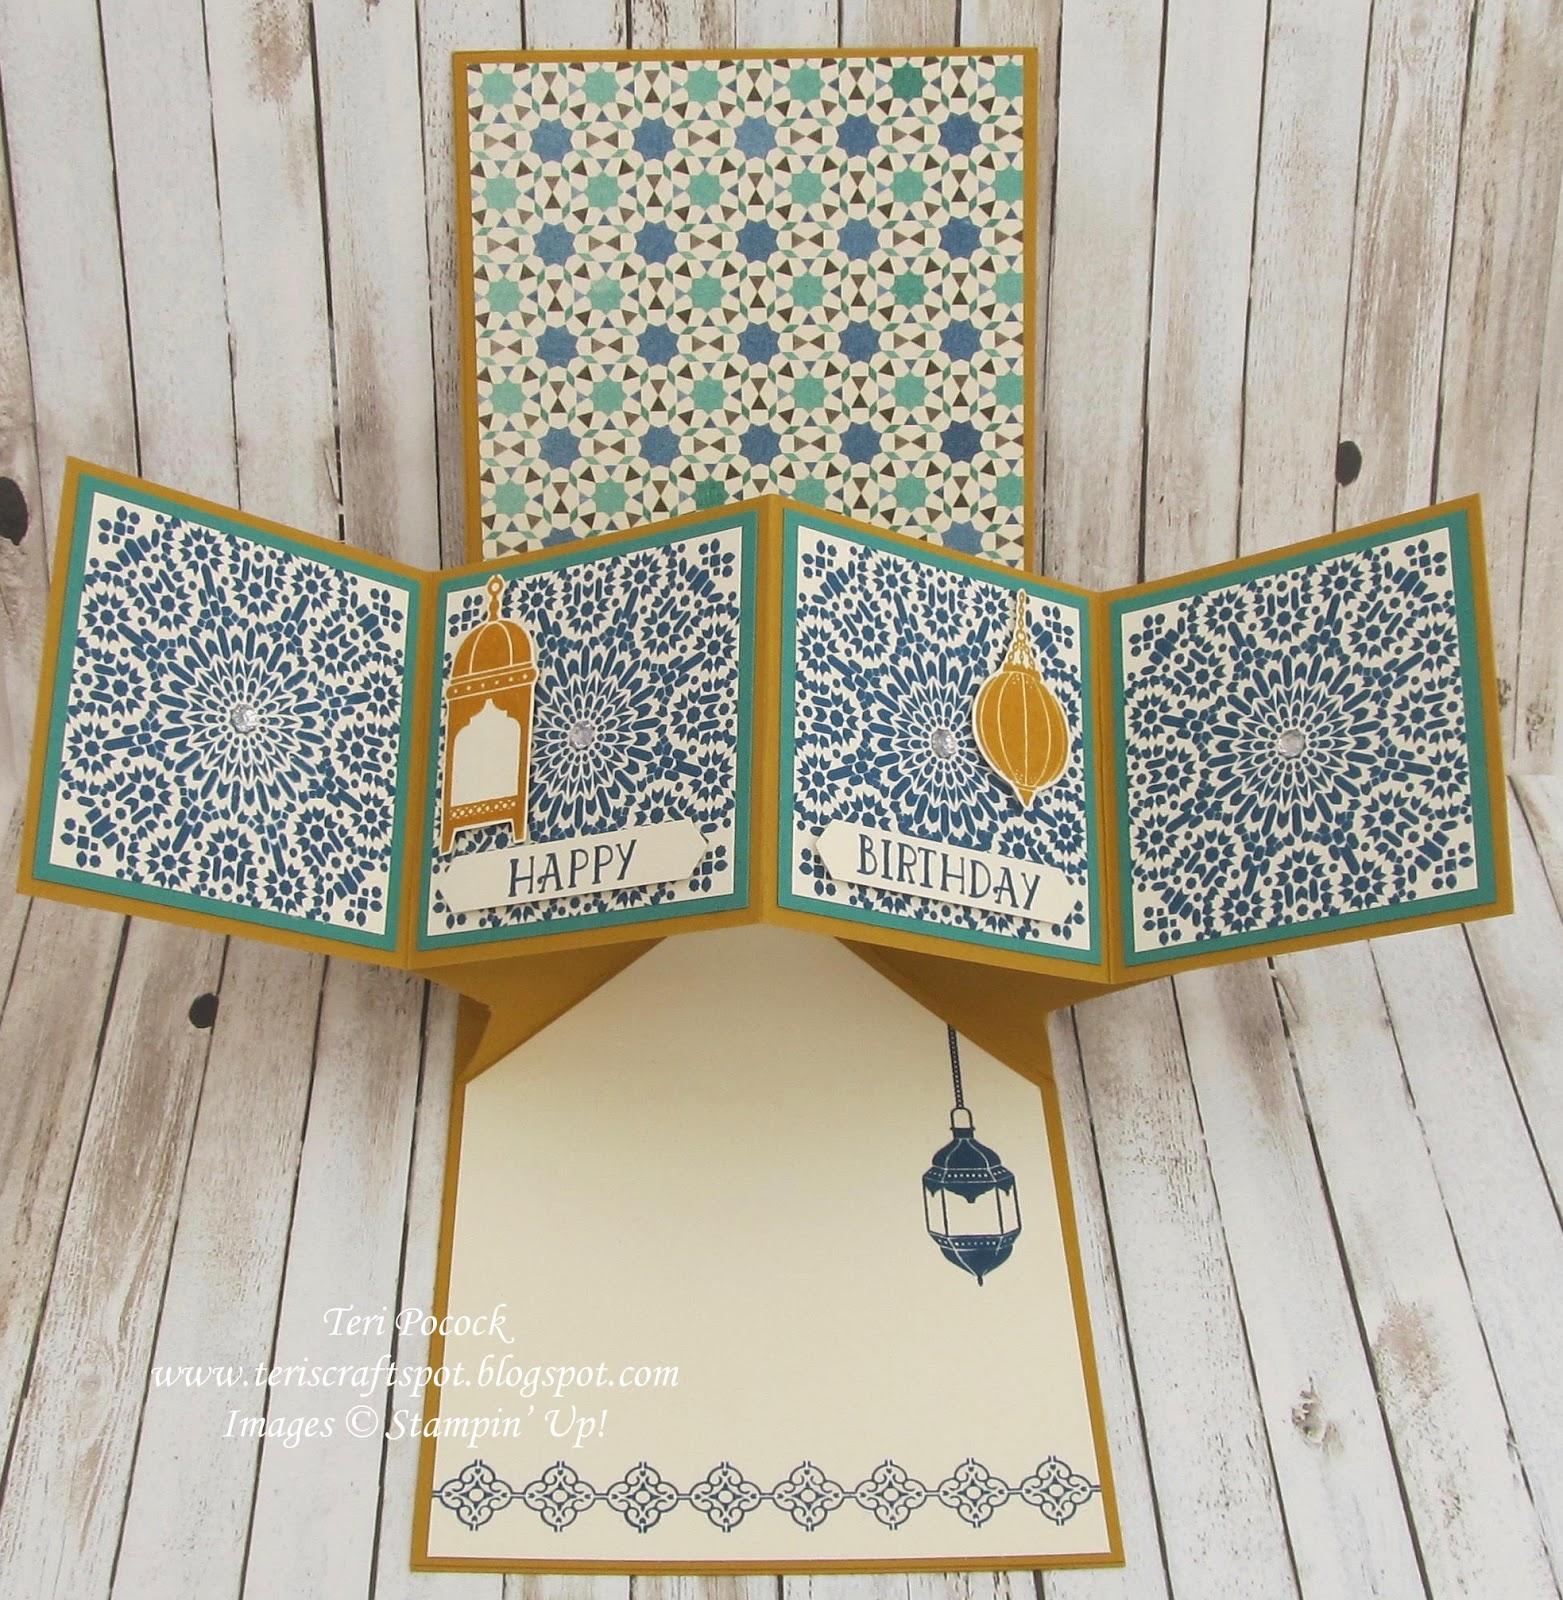 stampin 39 up uk demonstrator teri pocock moroccan nights pop up panel card. Black Bedroom Furniture Sets. Home Design Ideas